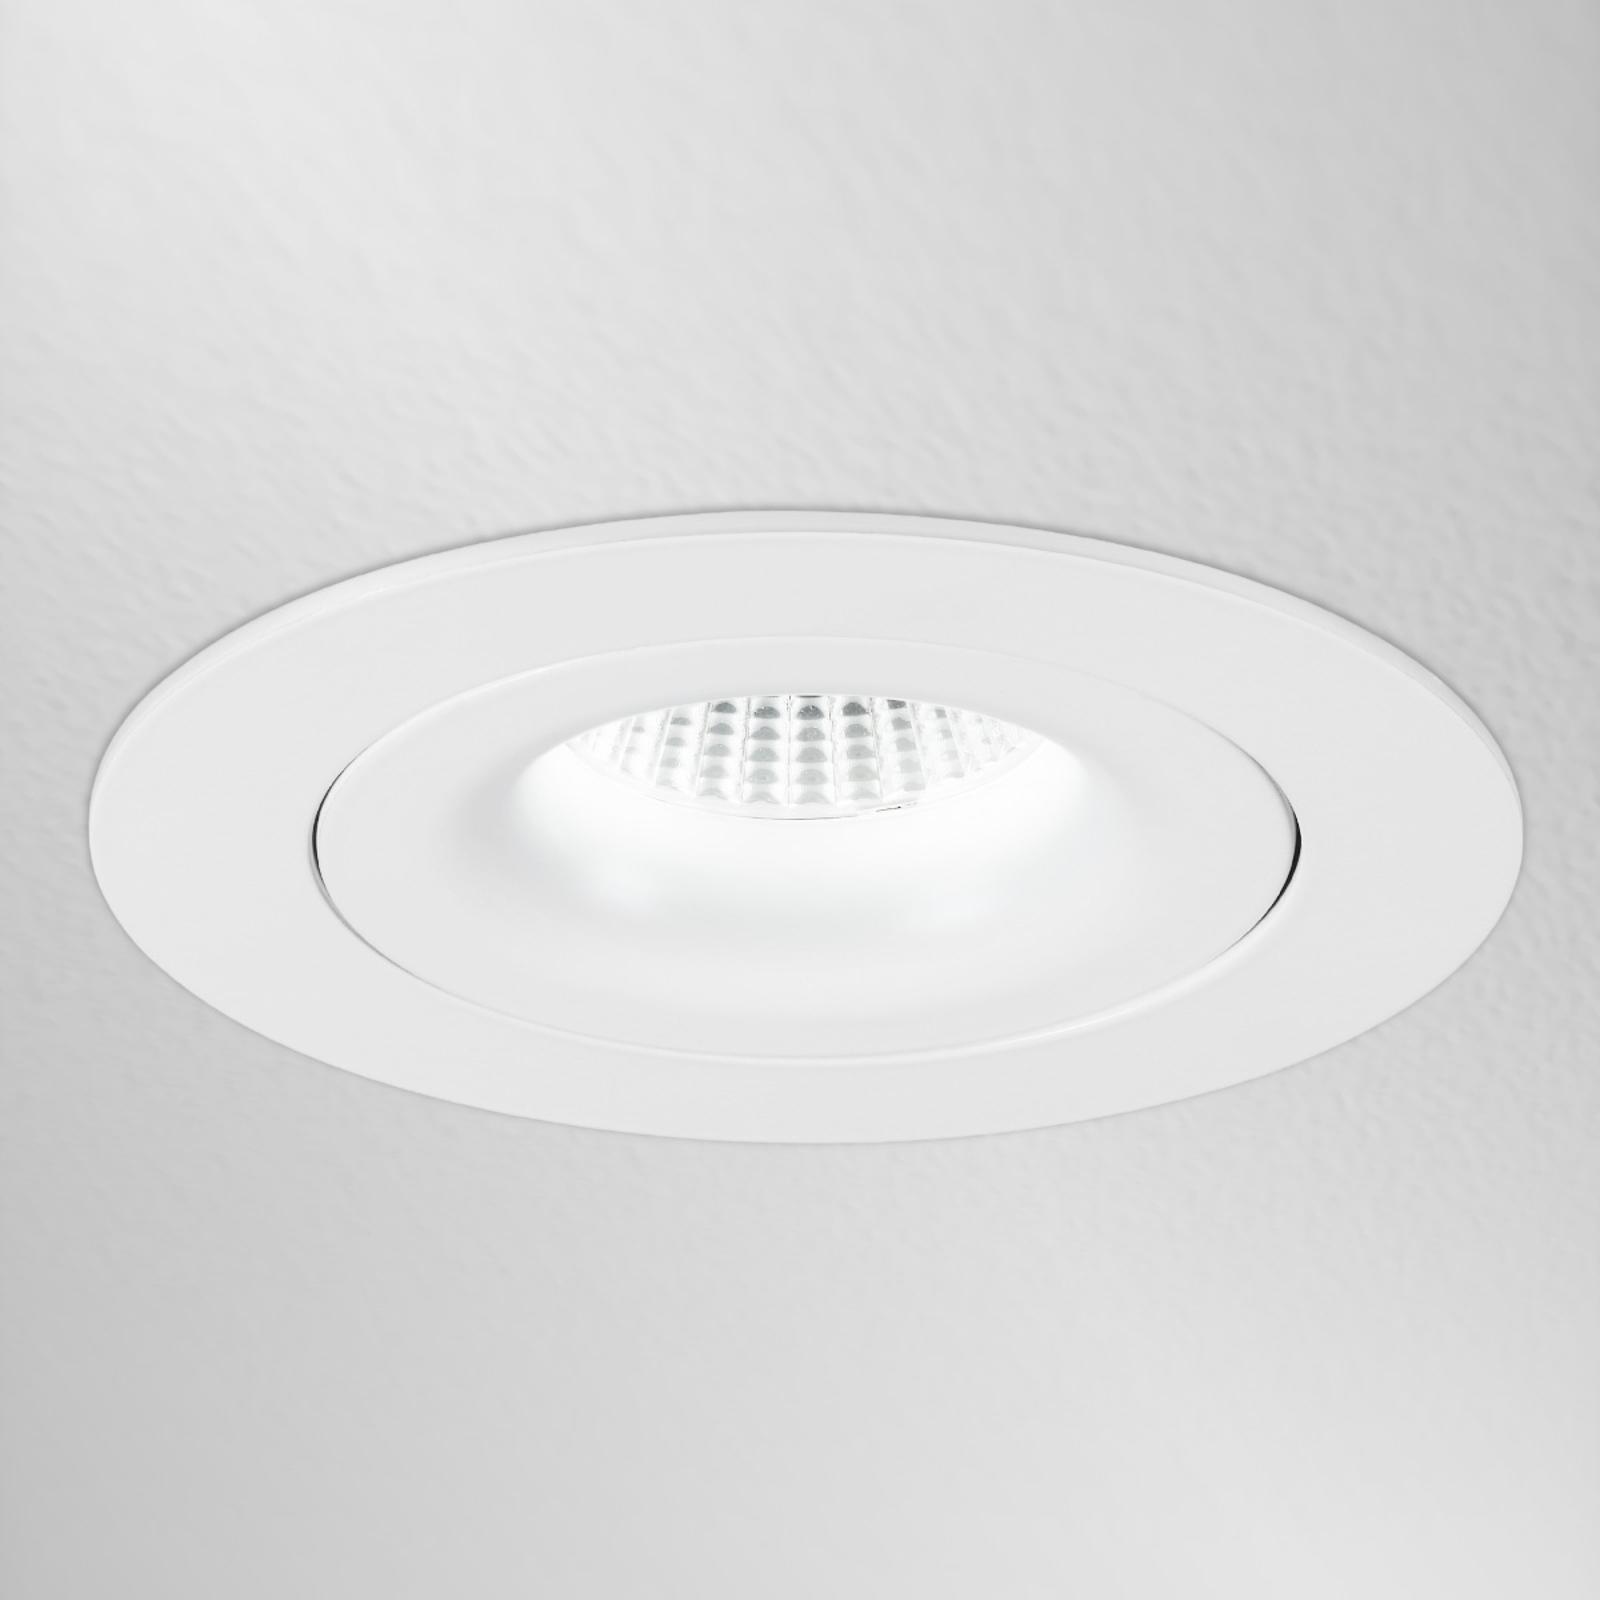 MK 110 LED-indbygningsspot, rund